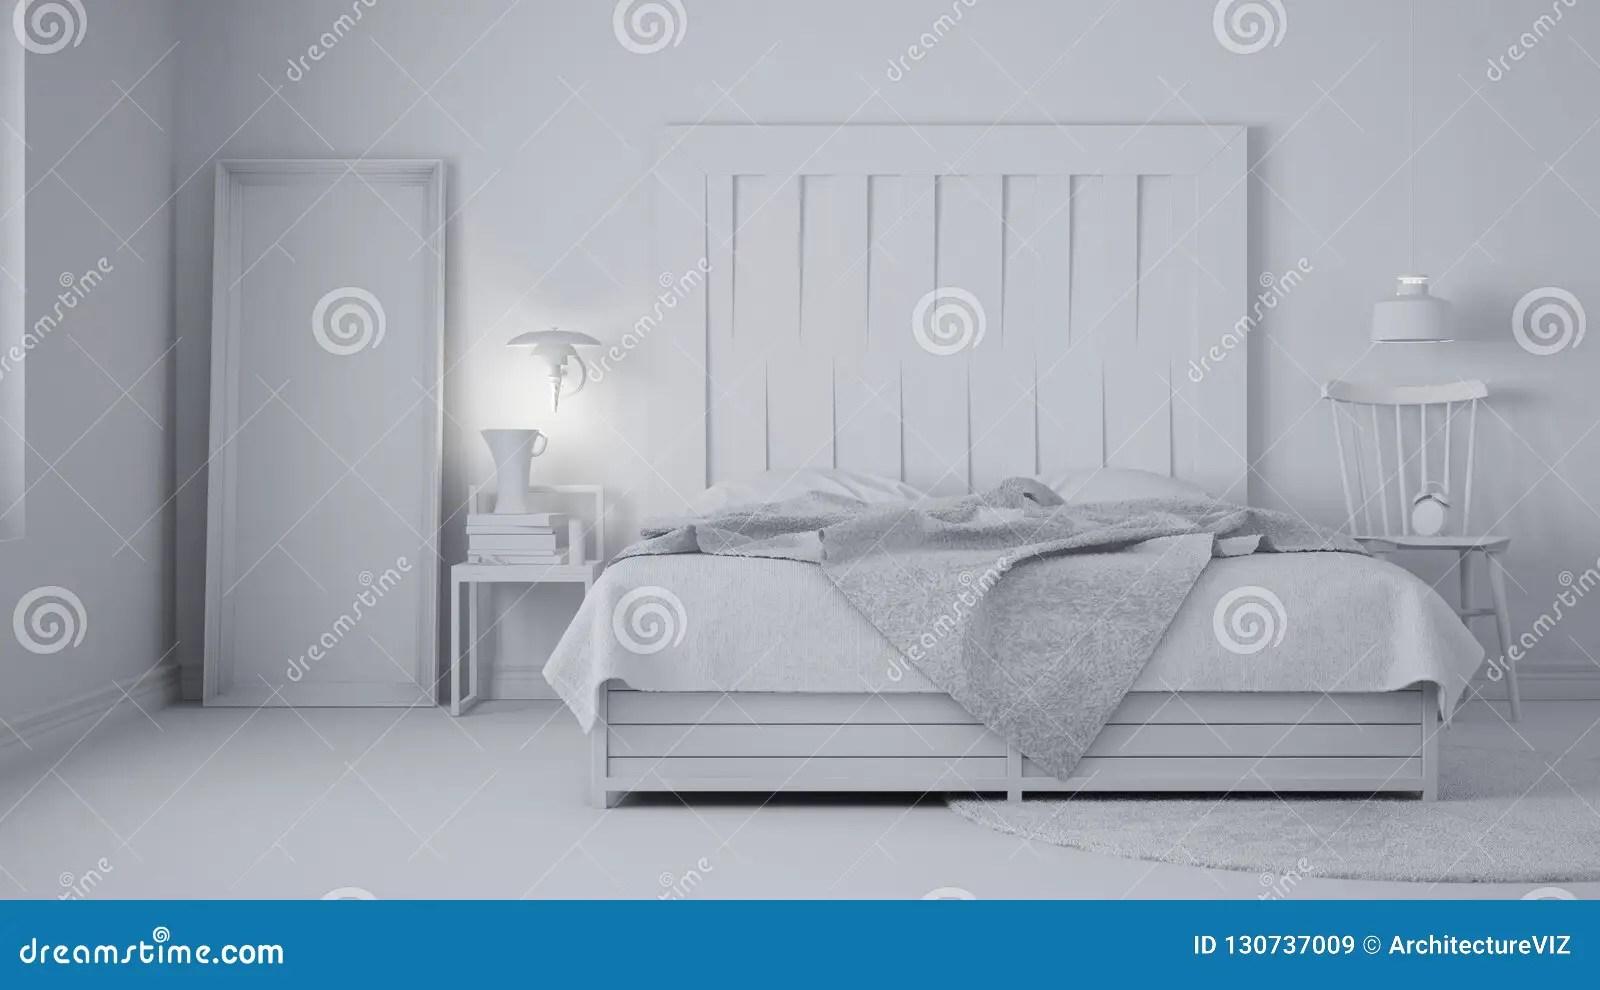 Camere Da Letto Bianche : Testata letto bianca camera da letto bianca con letto